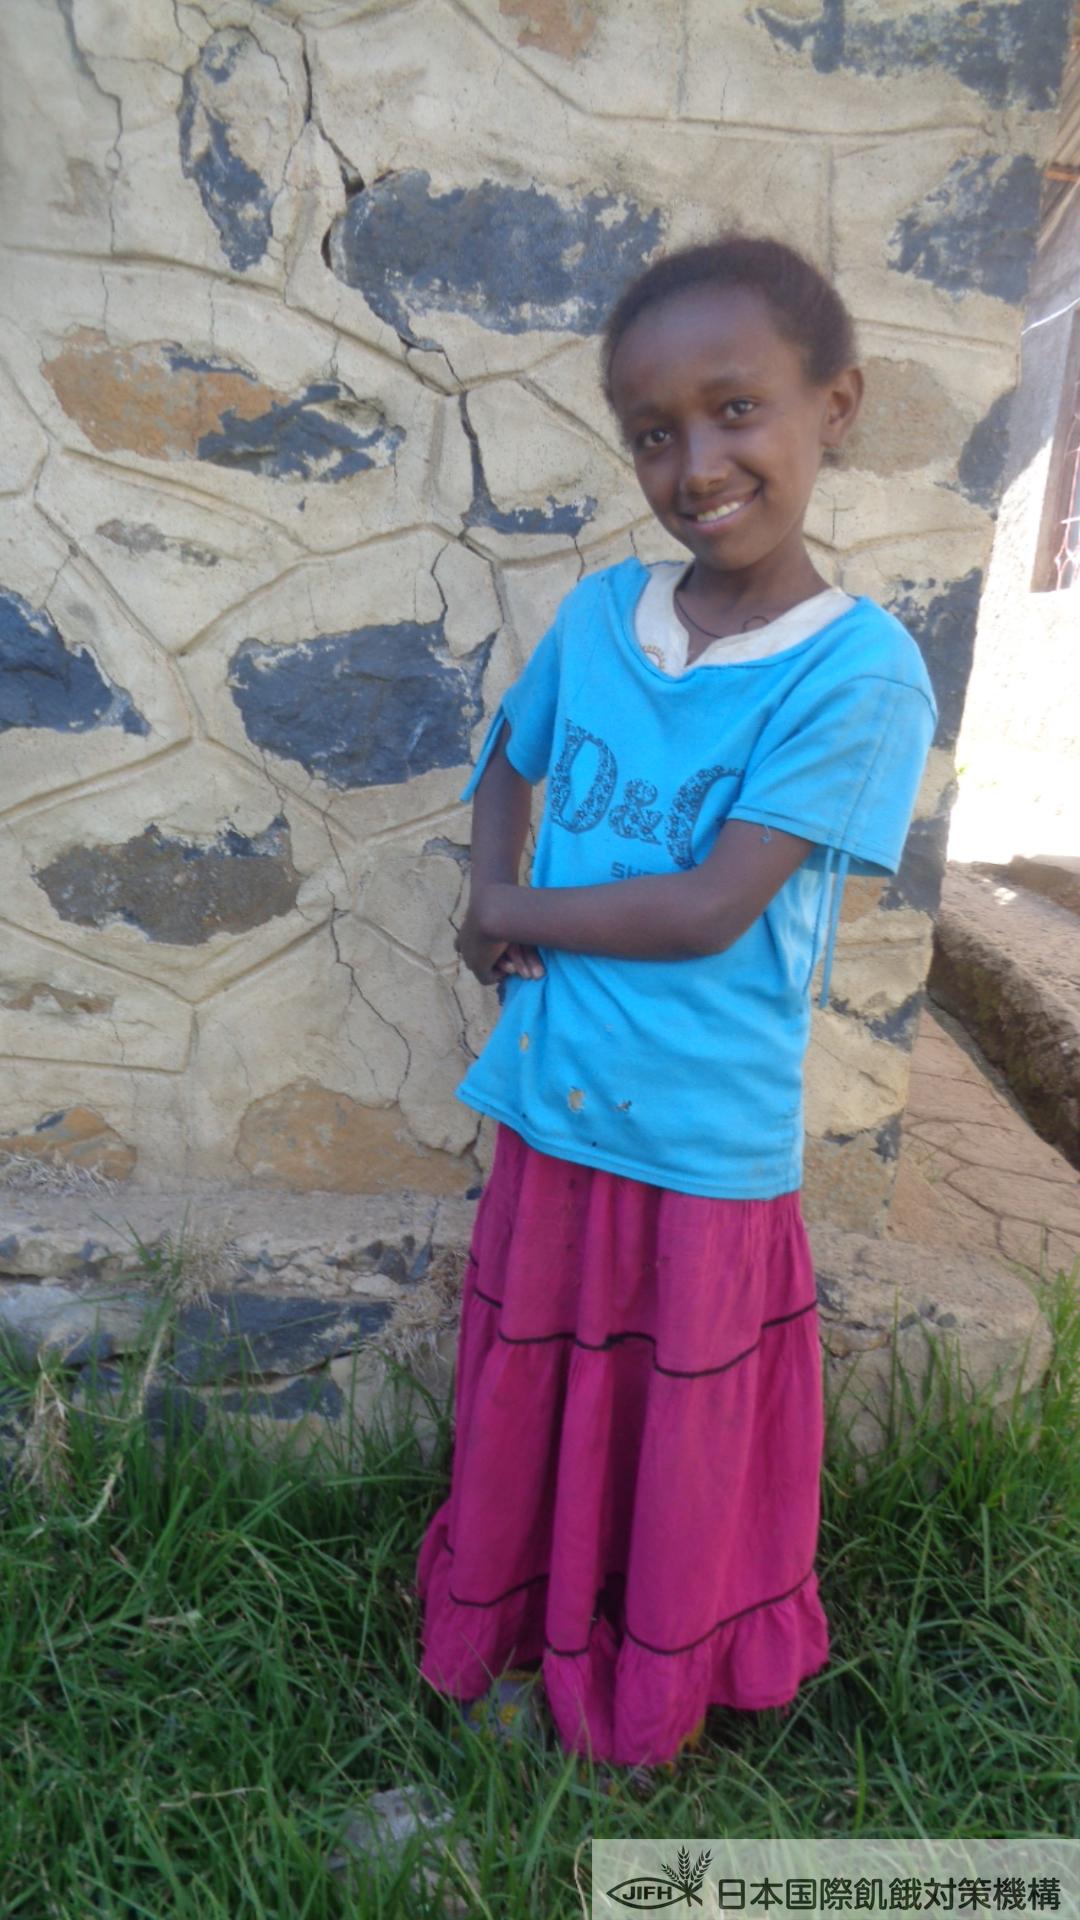 Bilen Mesfin_03.jpg